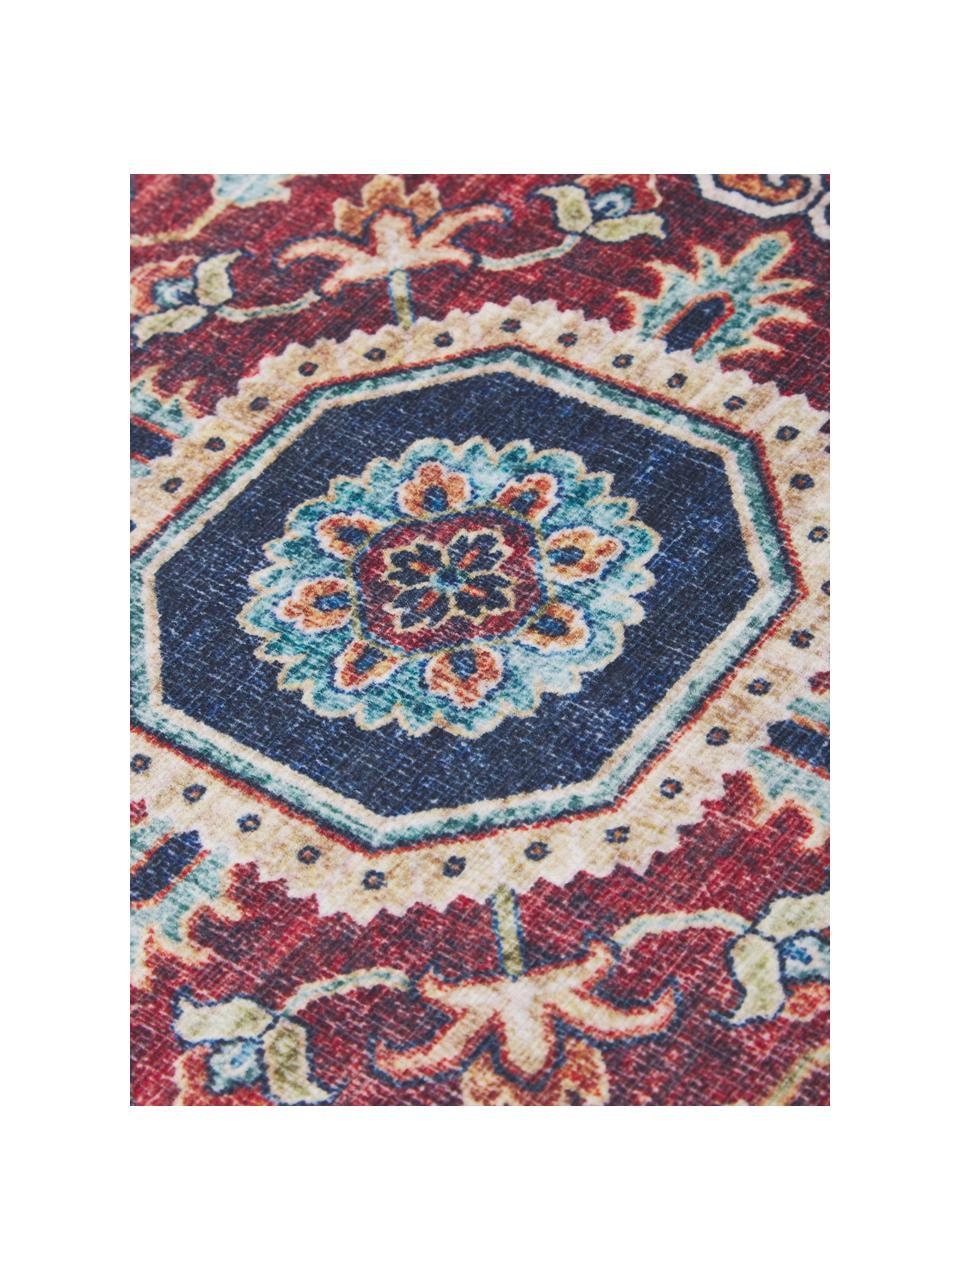 Tappeto vintage rosso scuro/blu Sylla, 100% poliestere, Blu, rosso, Larg. 200 x Lung. 290 cm (taglia L)